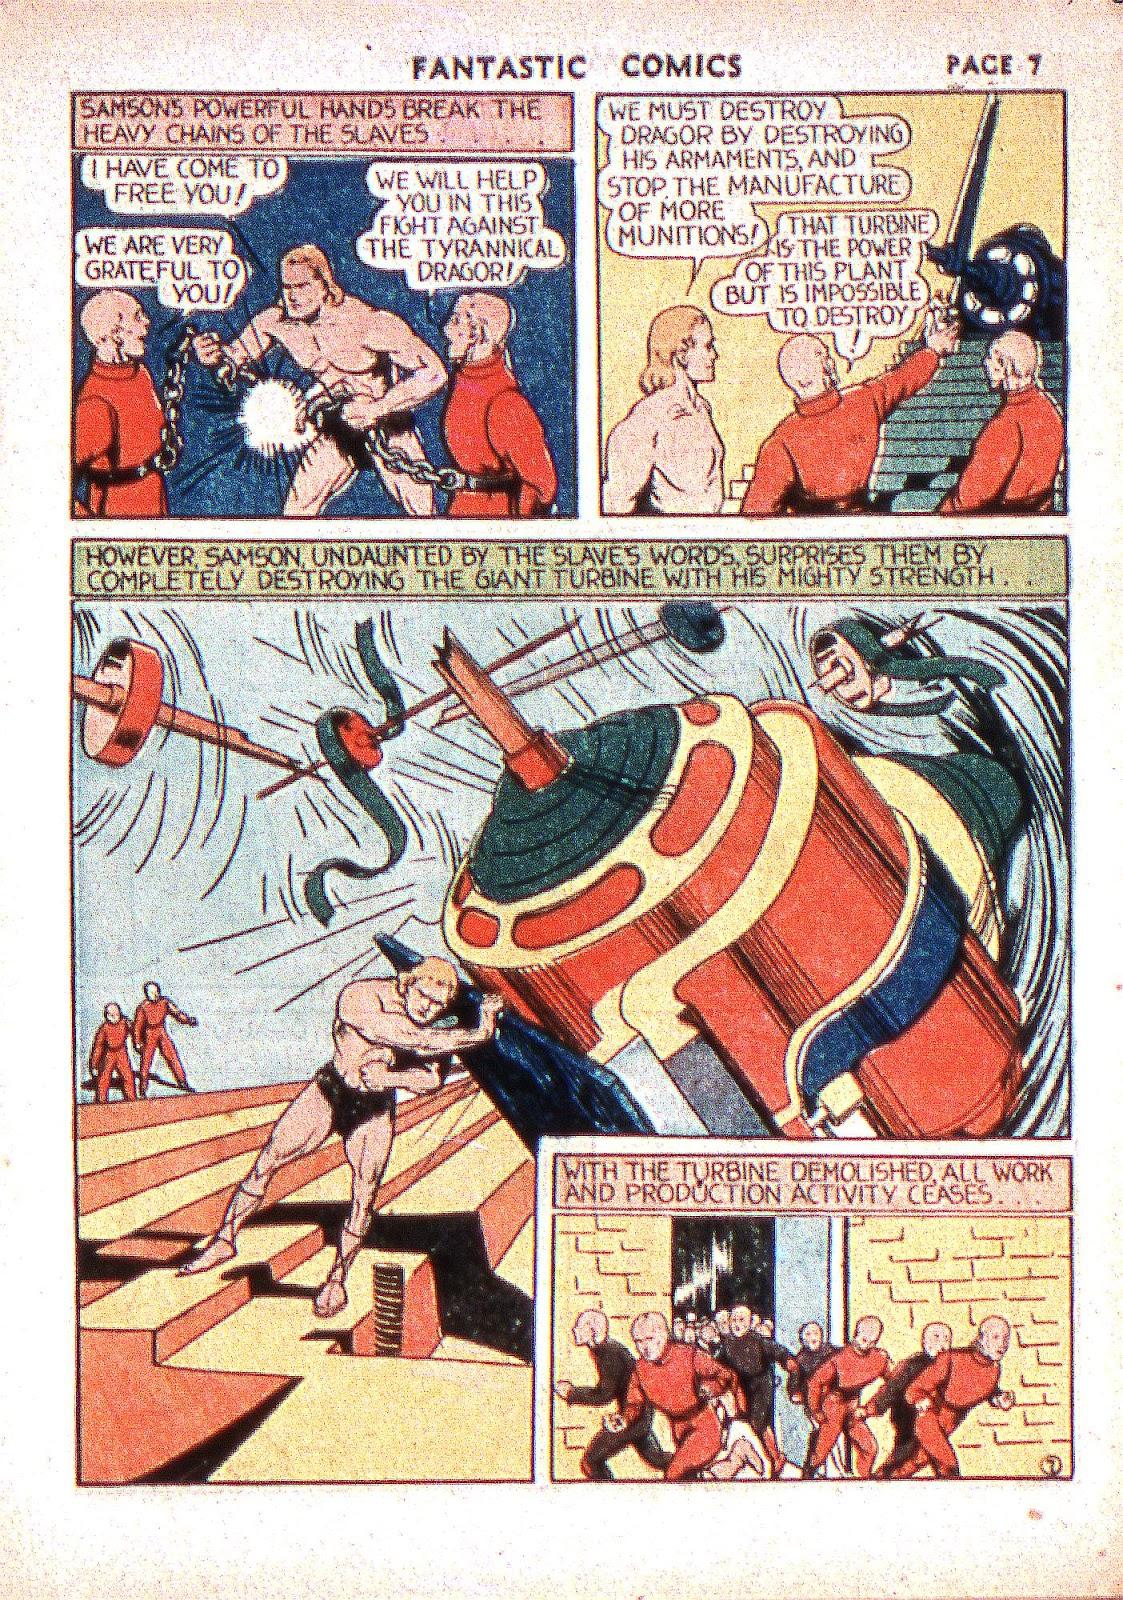 Read online Fantastic Comics comic -  Issue #2 - 9